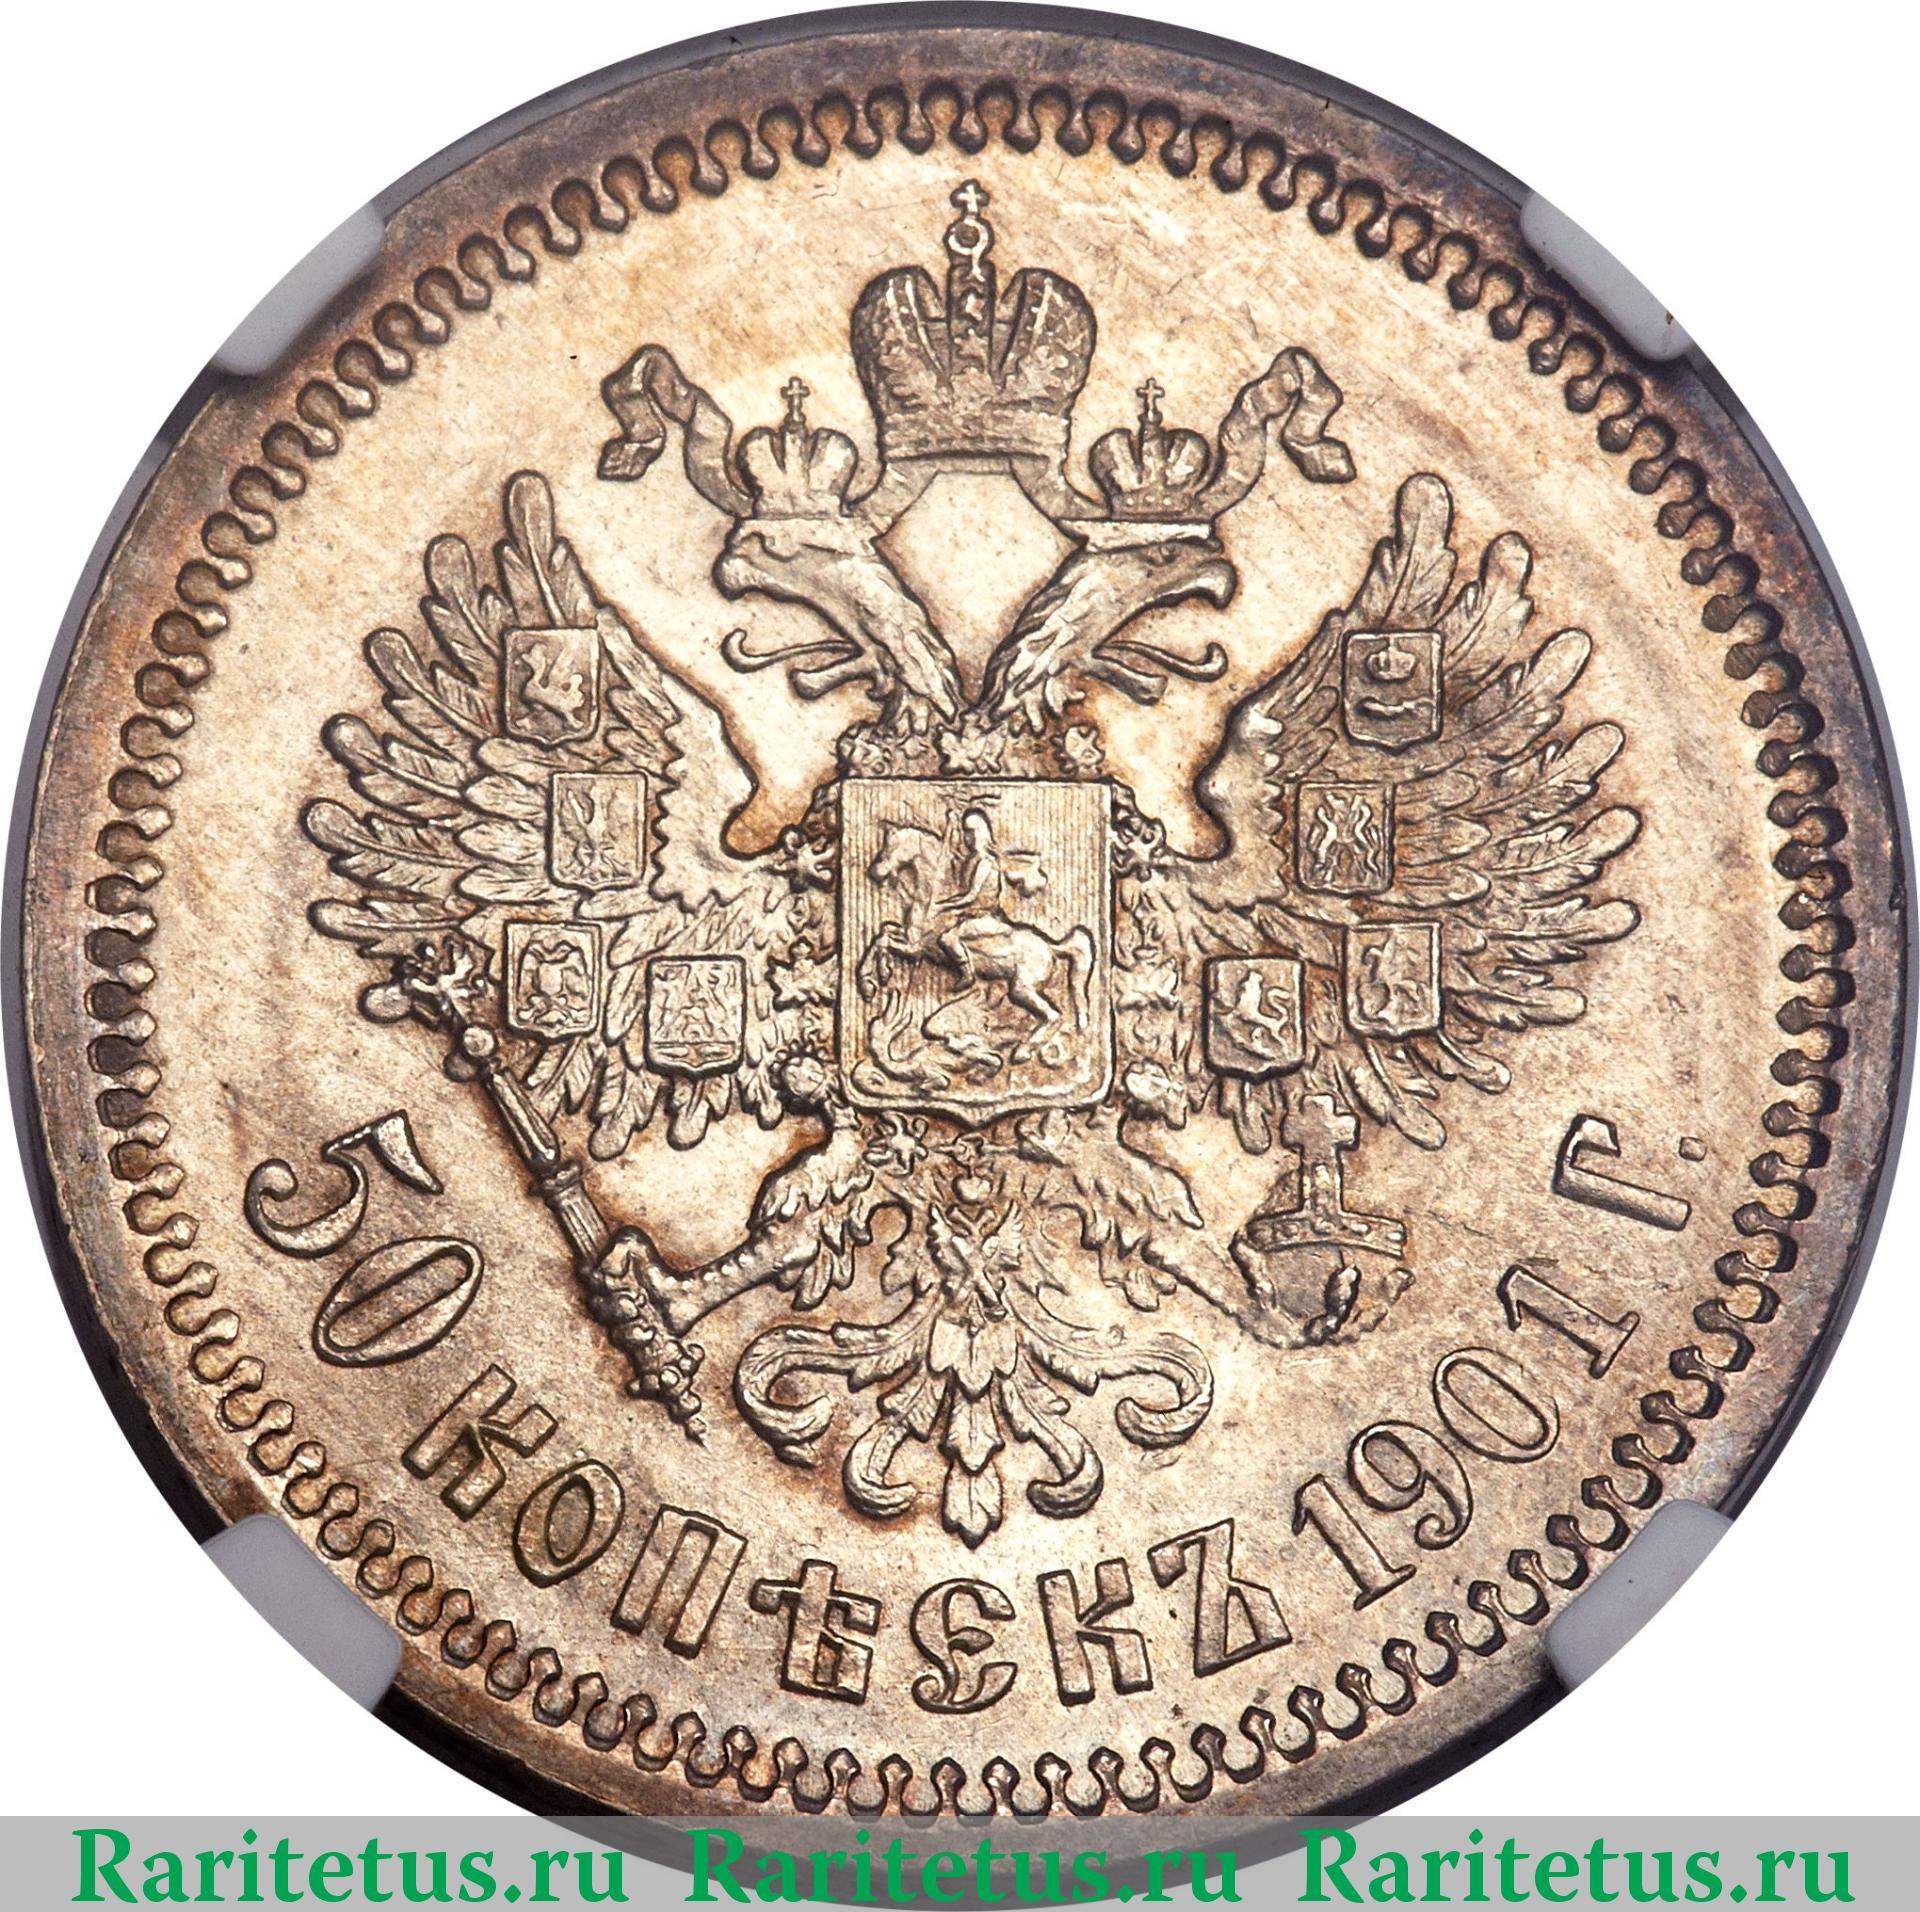 Стоимость монеты 50 копеек серебряной купить монеты в петропавловске казахстан